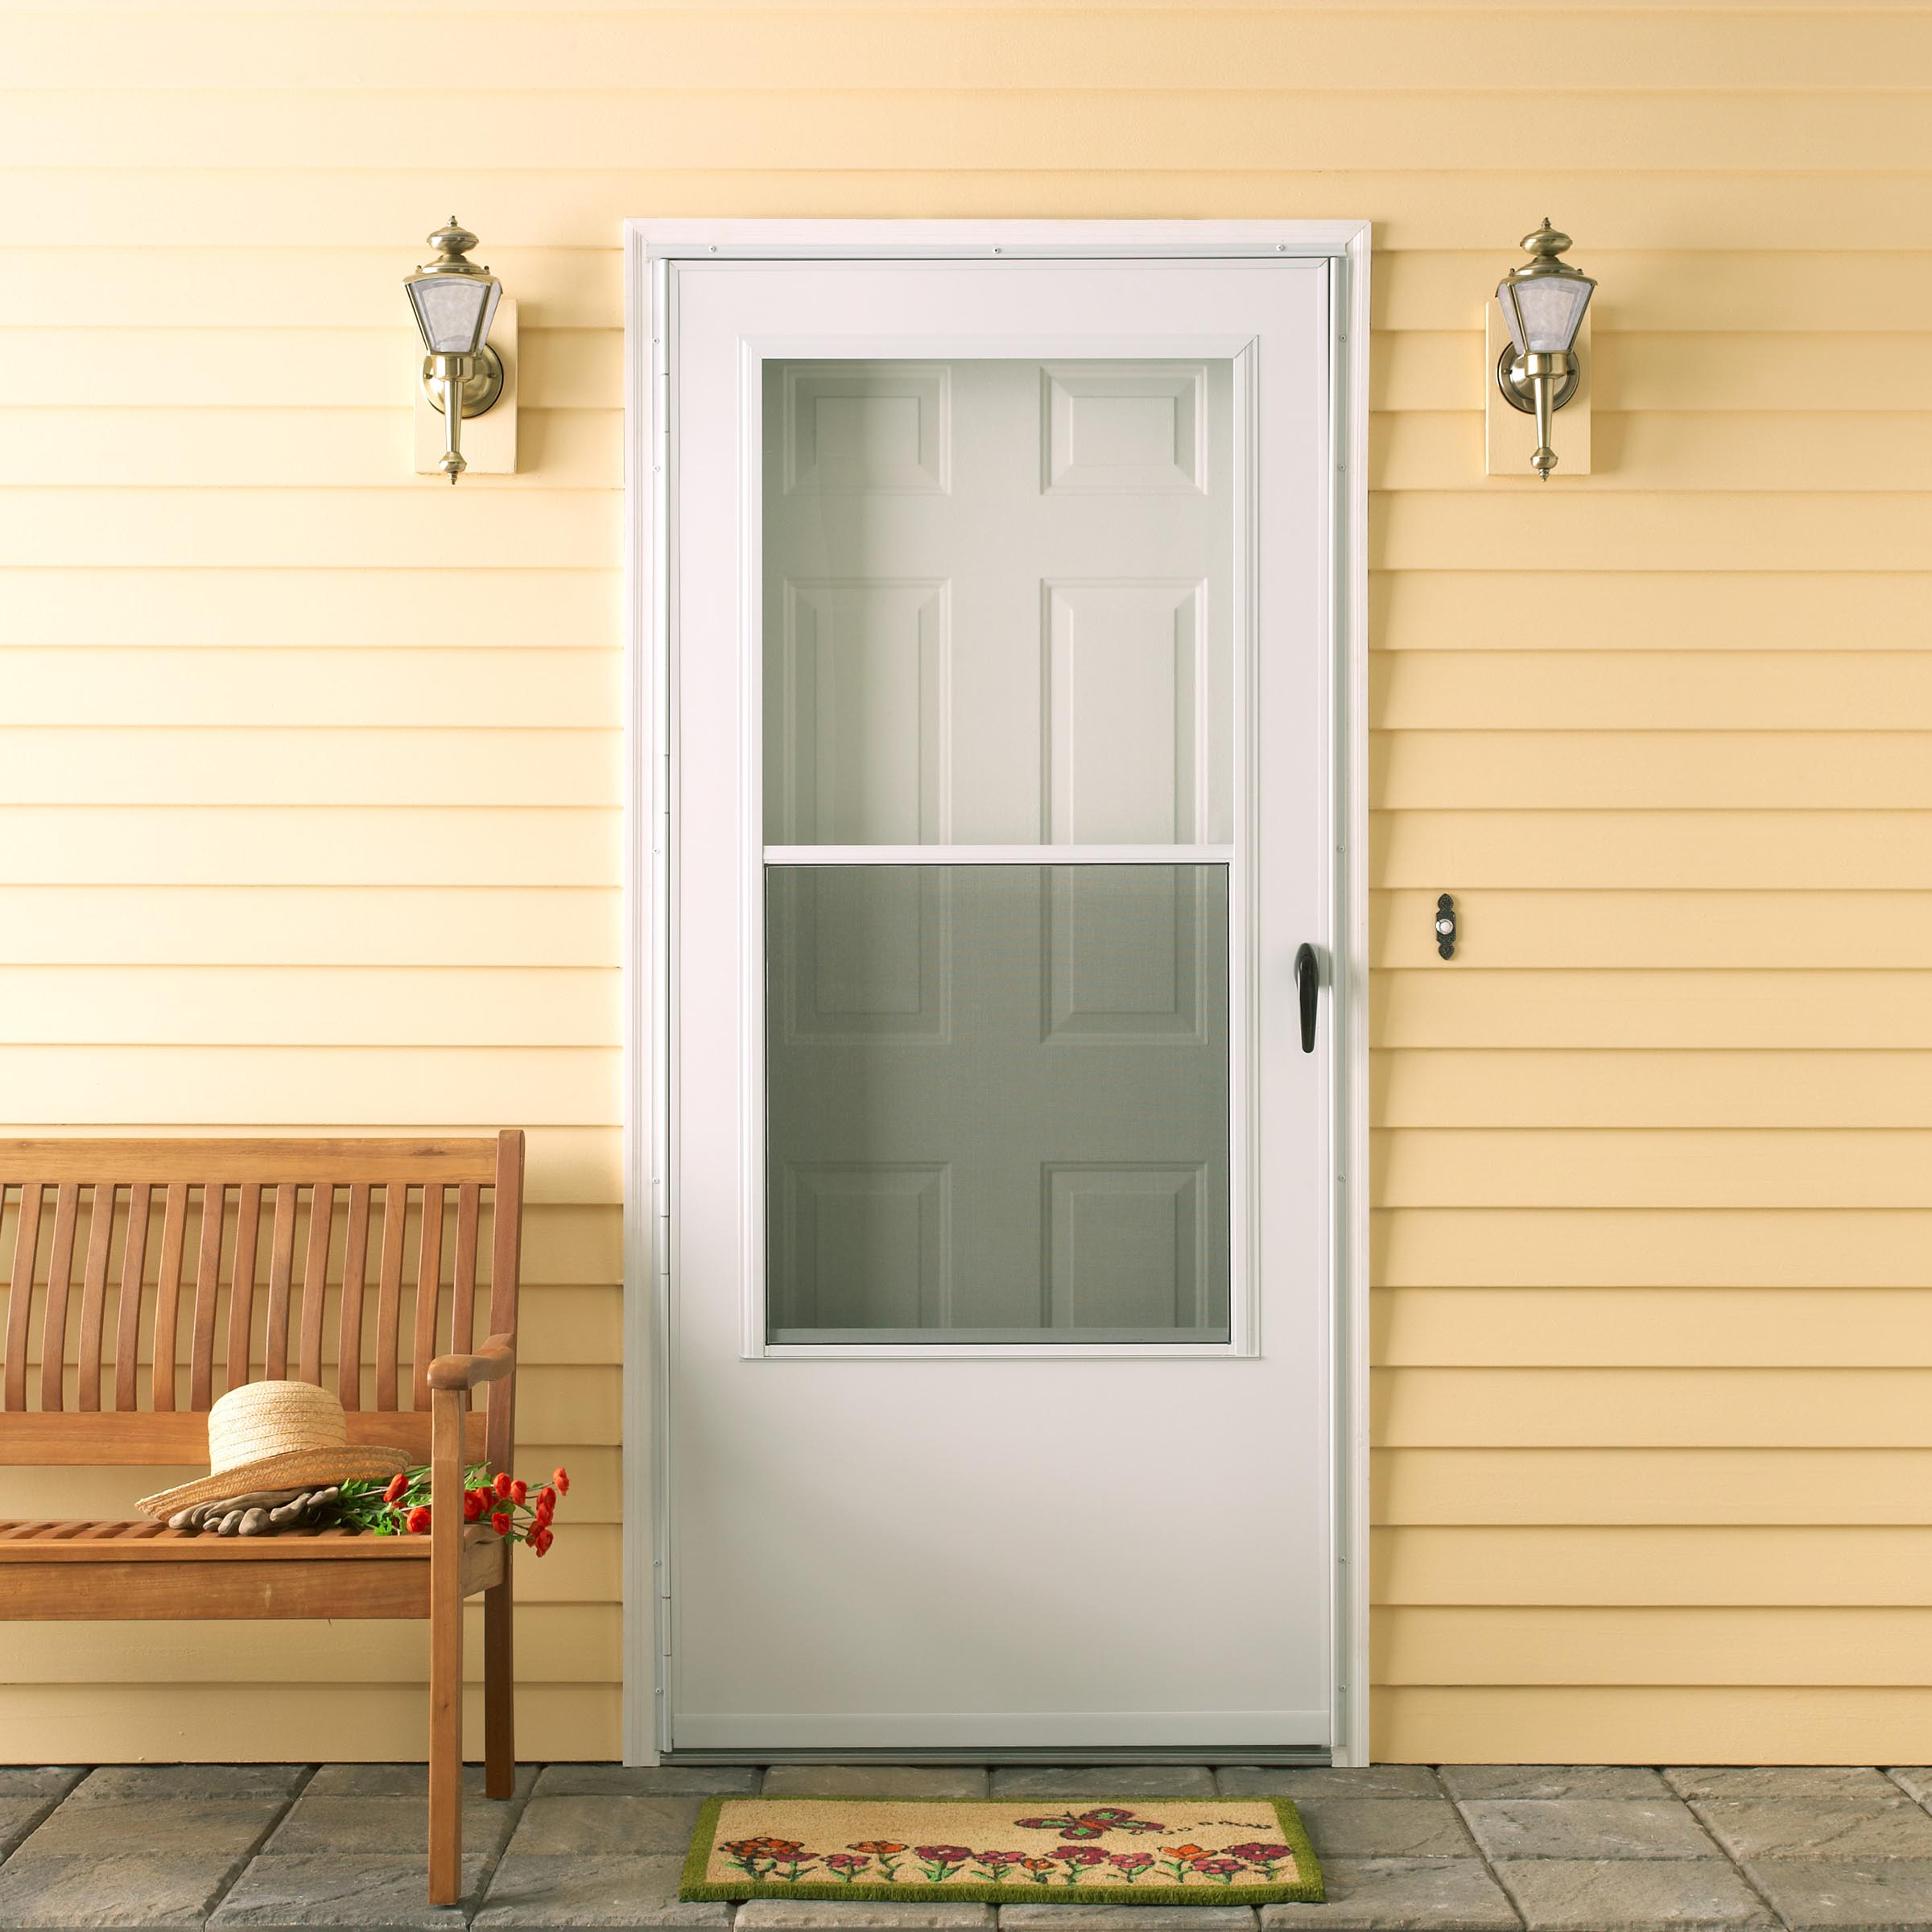 100 series self storing storm door & Photo Gallery - Andersen And EMCO Storm Doors